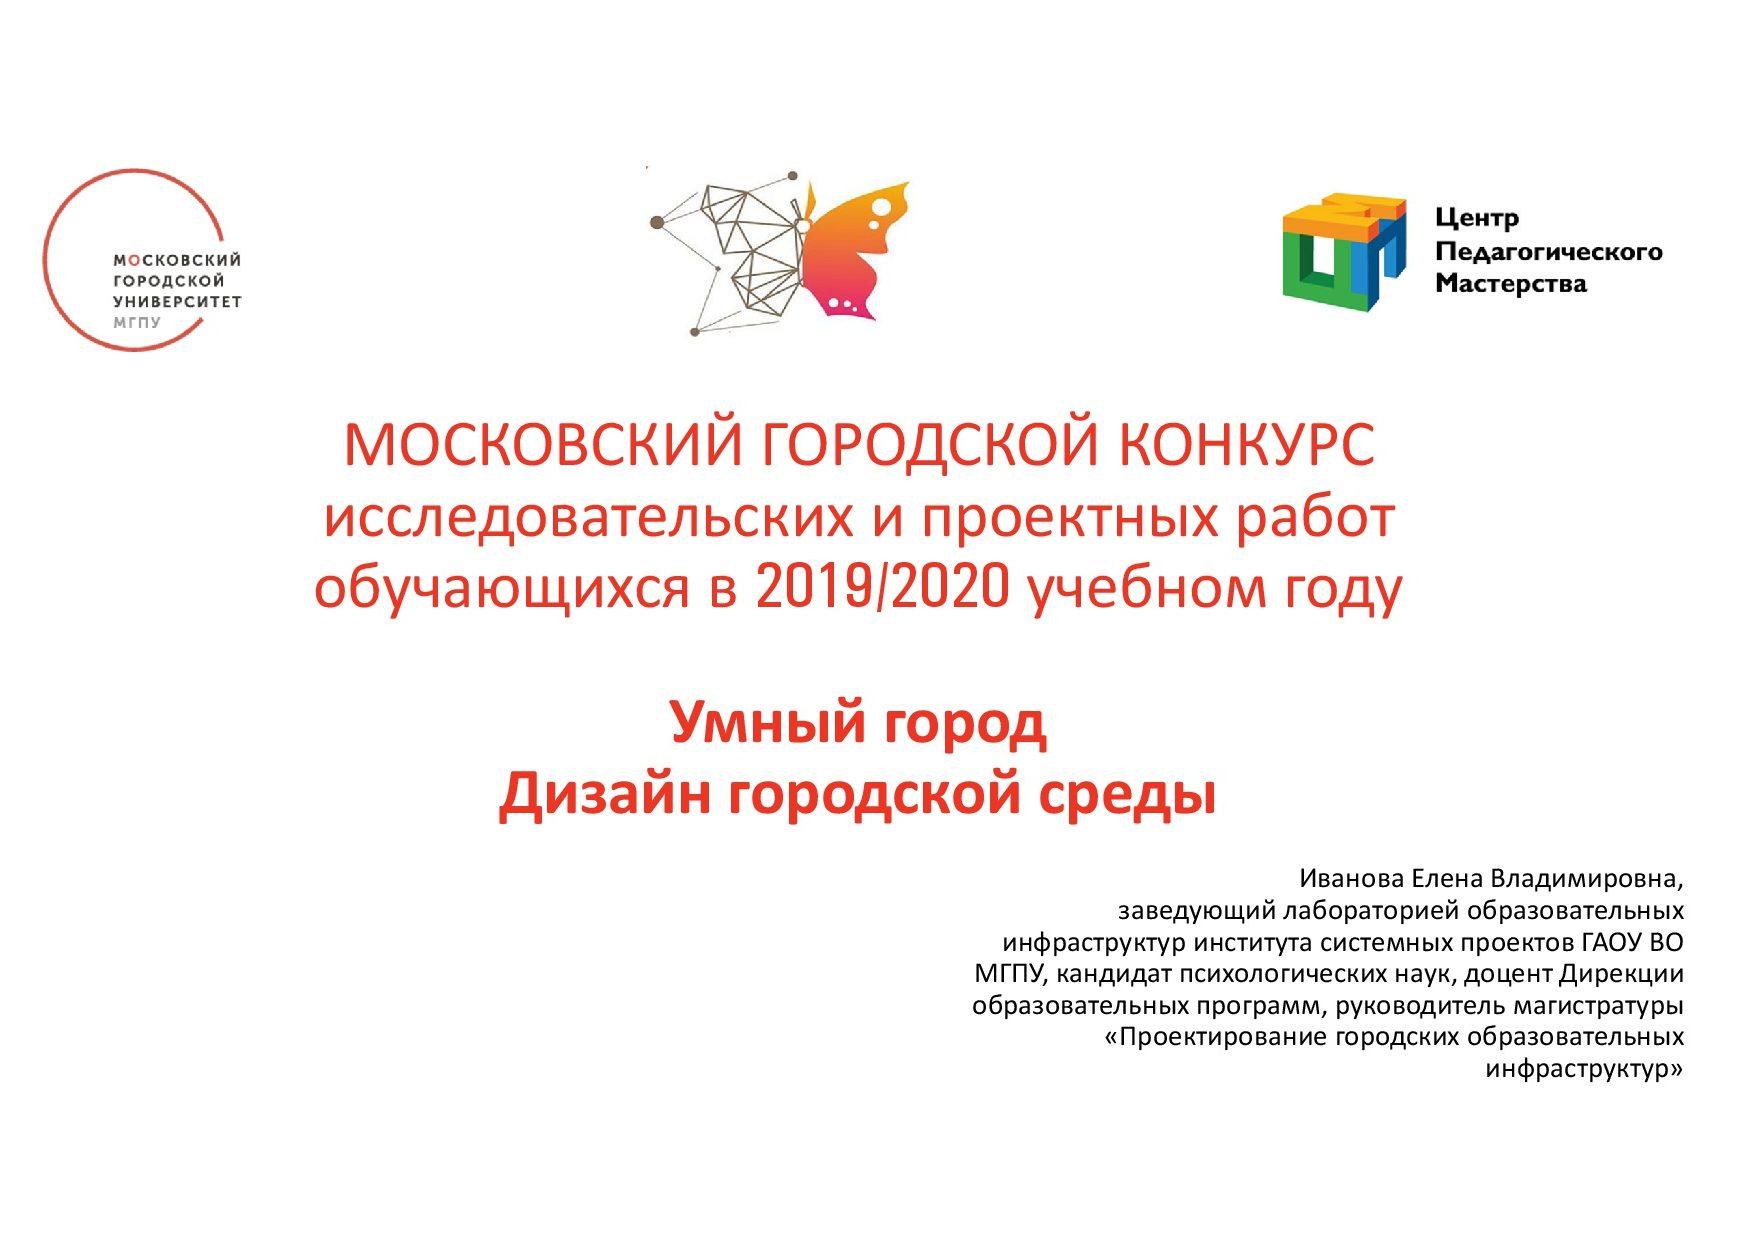 Презентация на МГК -Иванова ЕВ-001